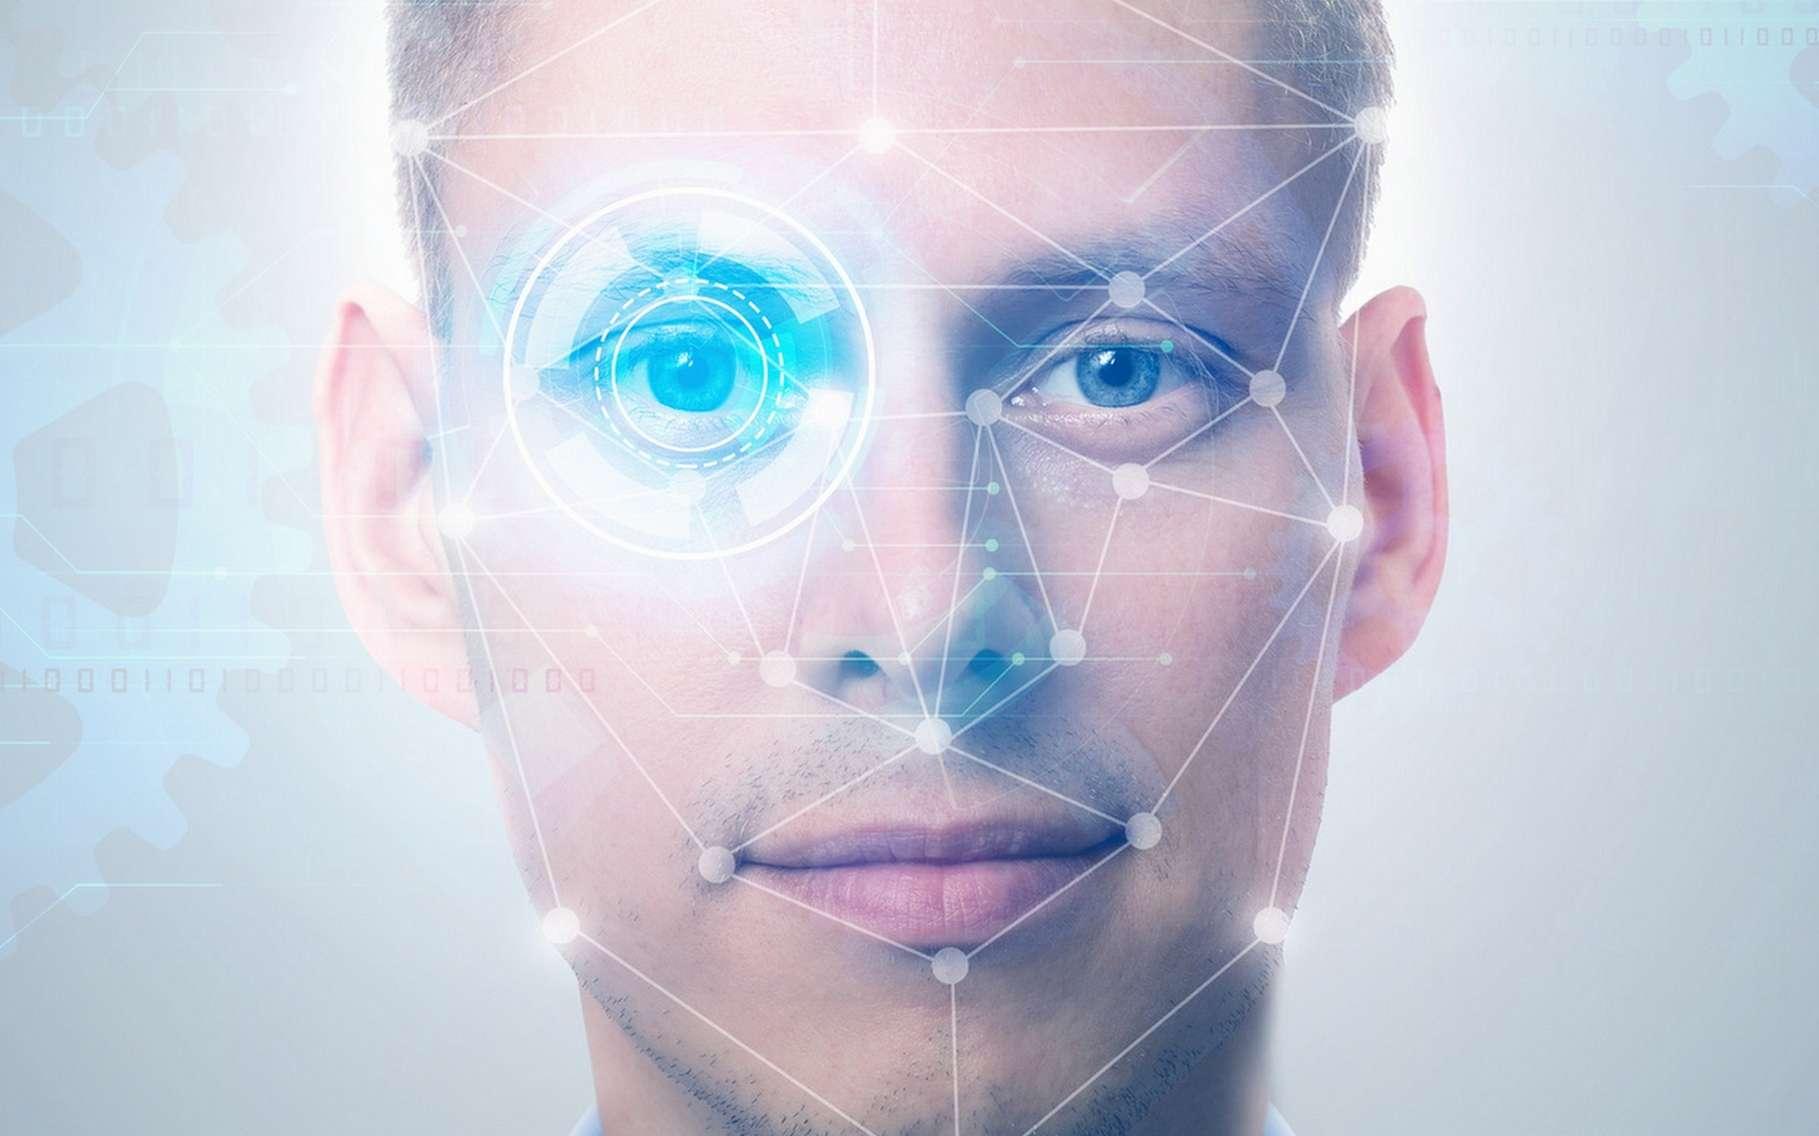 La reconnaissance faciale est l'une des nouveautés mises en avant par Samsung avec le Galaxy S8. © Santiago Silver